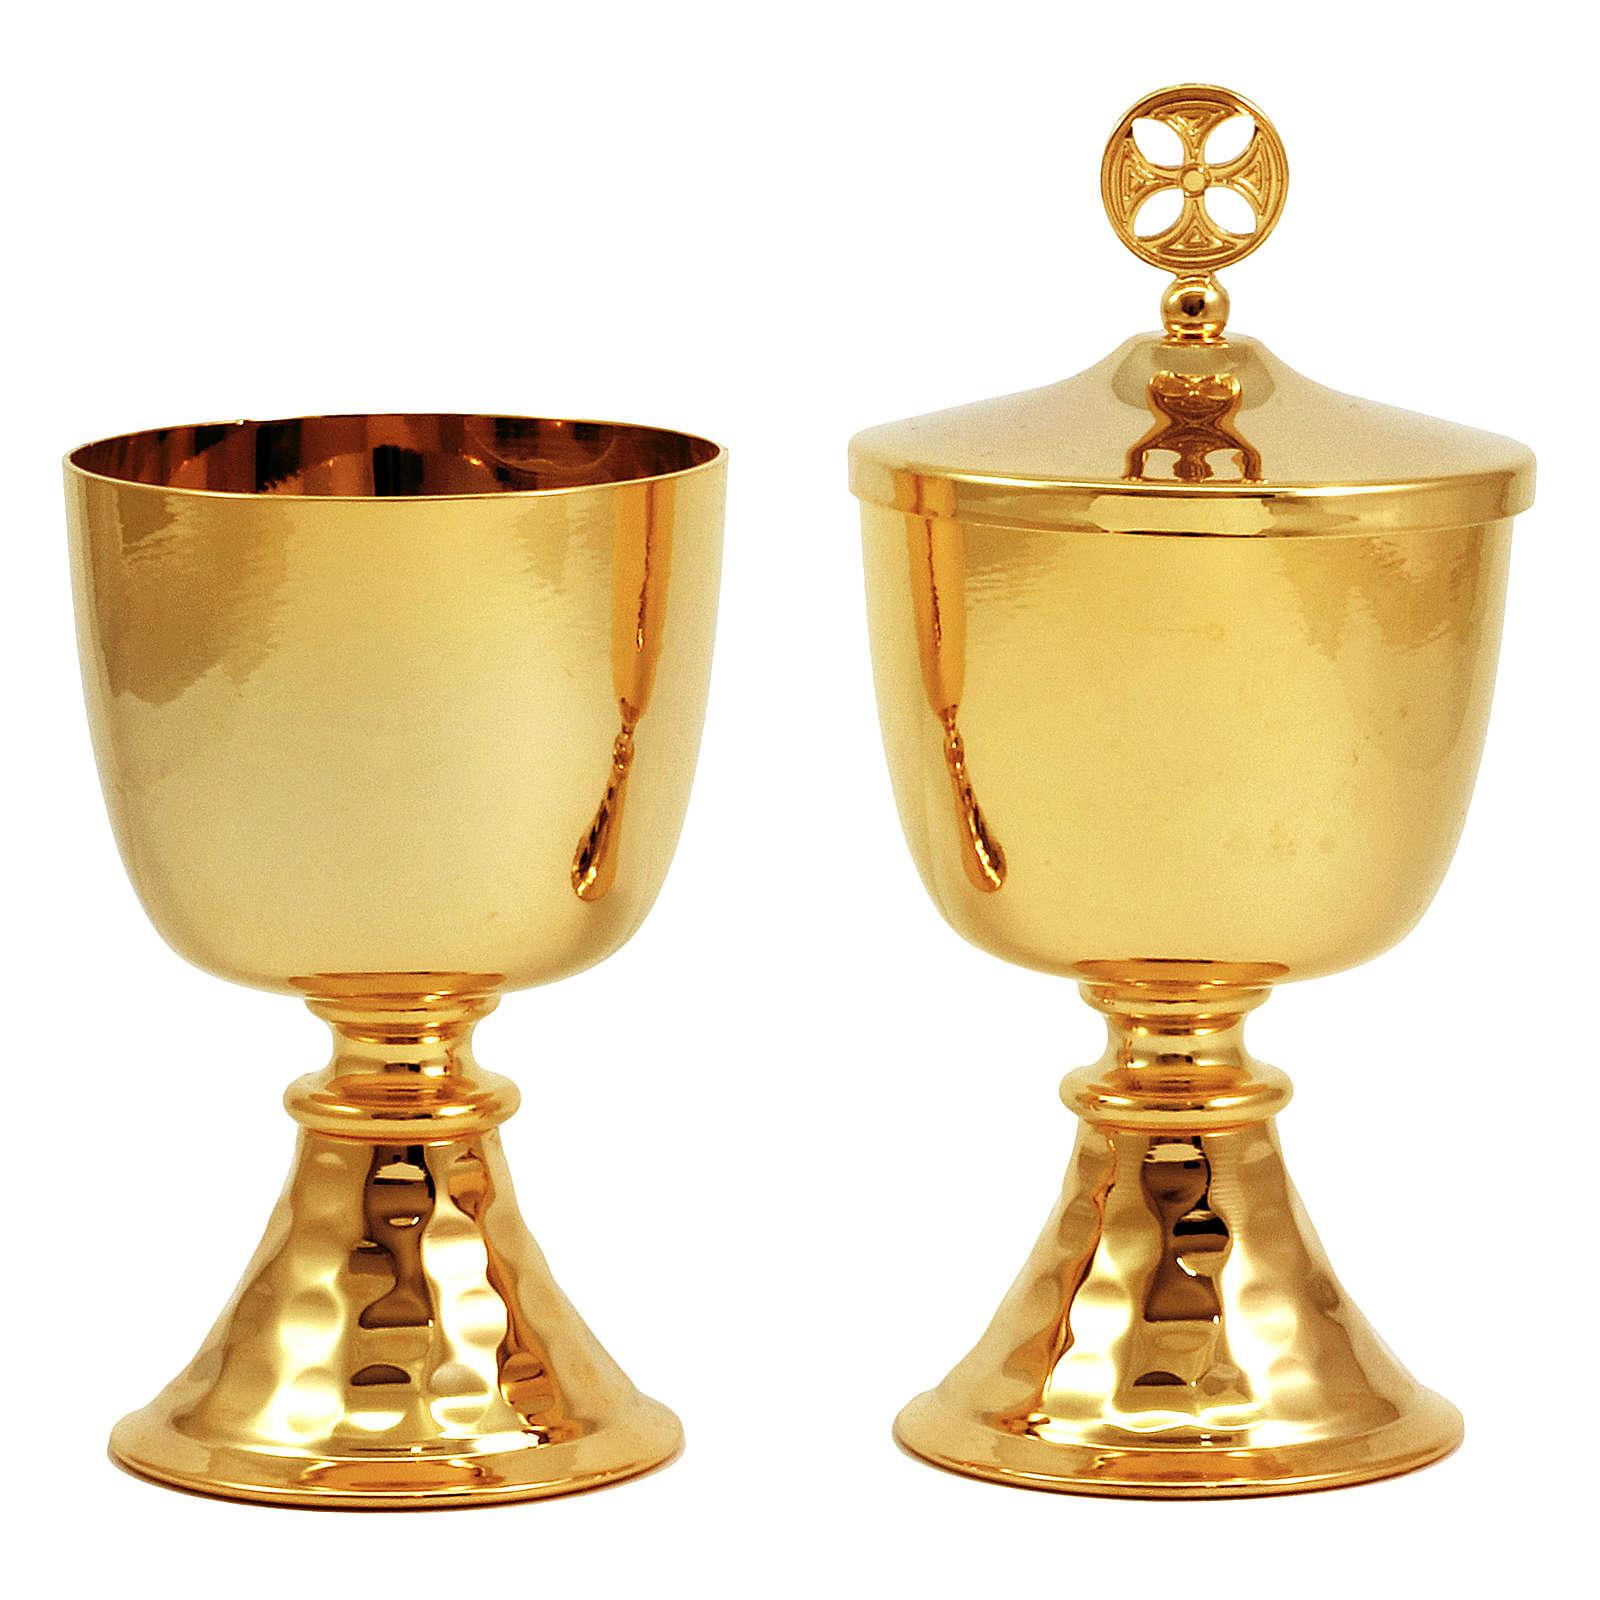 Calicino e Pisside da viaggio in ottone dorato base martellata 4